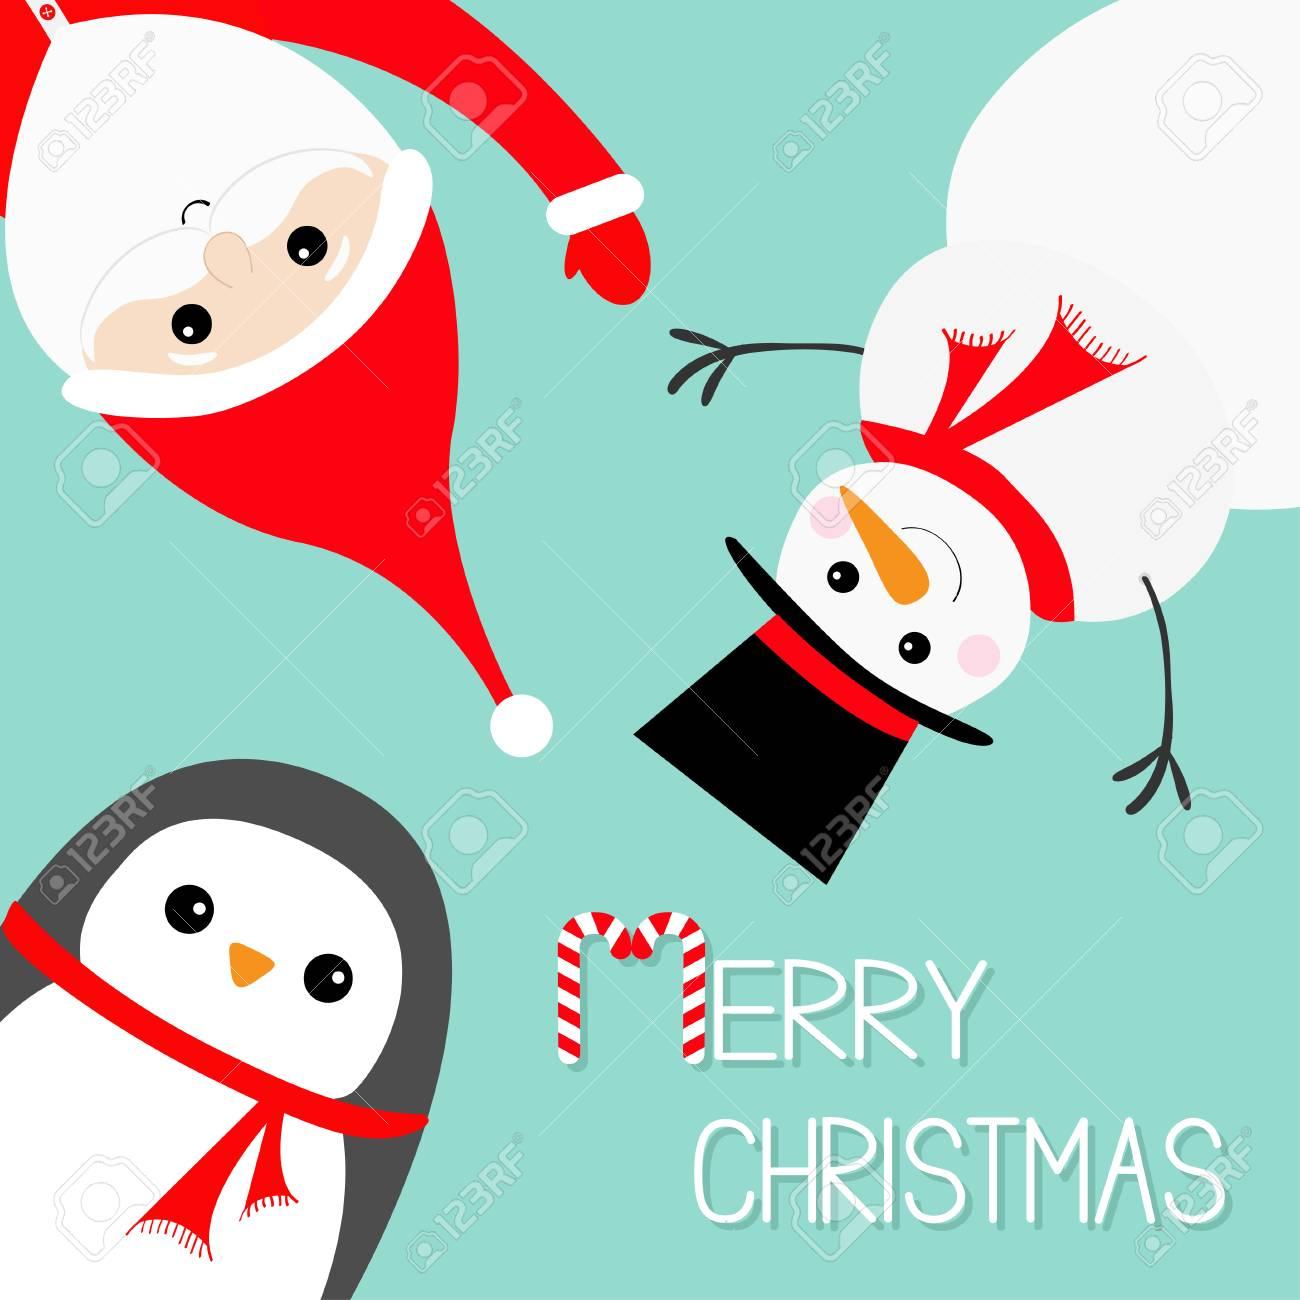 Suspendu à L Envers Du Père Noël Penguin Penguin Portant Chapeau